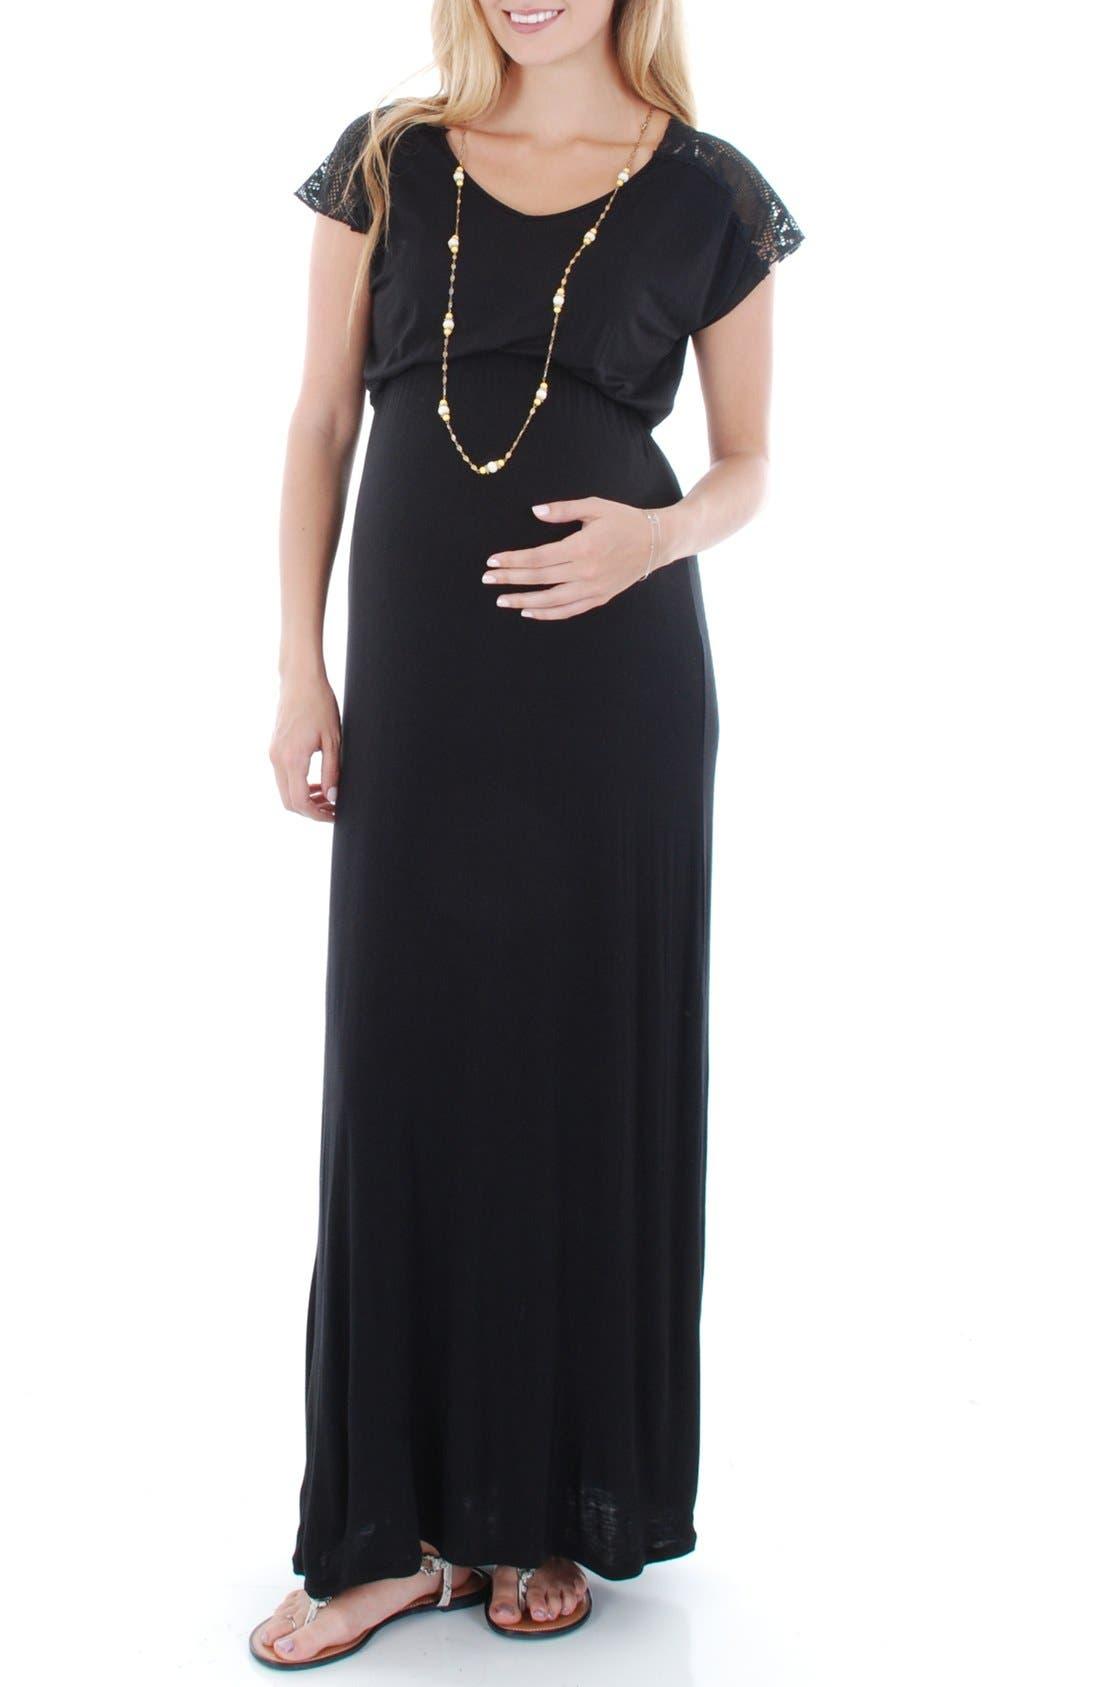 Everly Grey Lace Yoke Maxi Maternity Dress